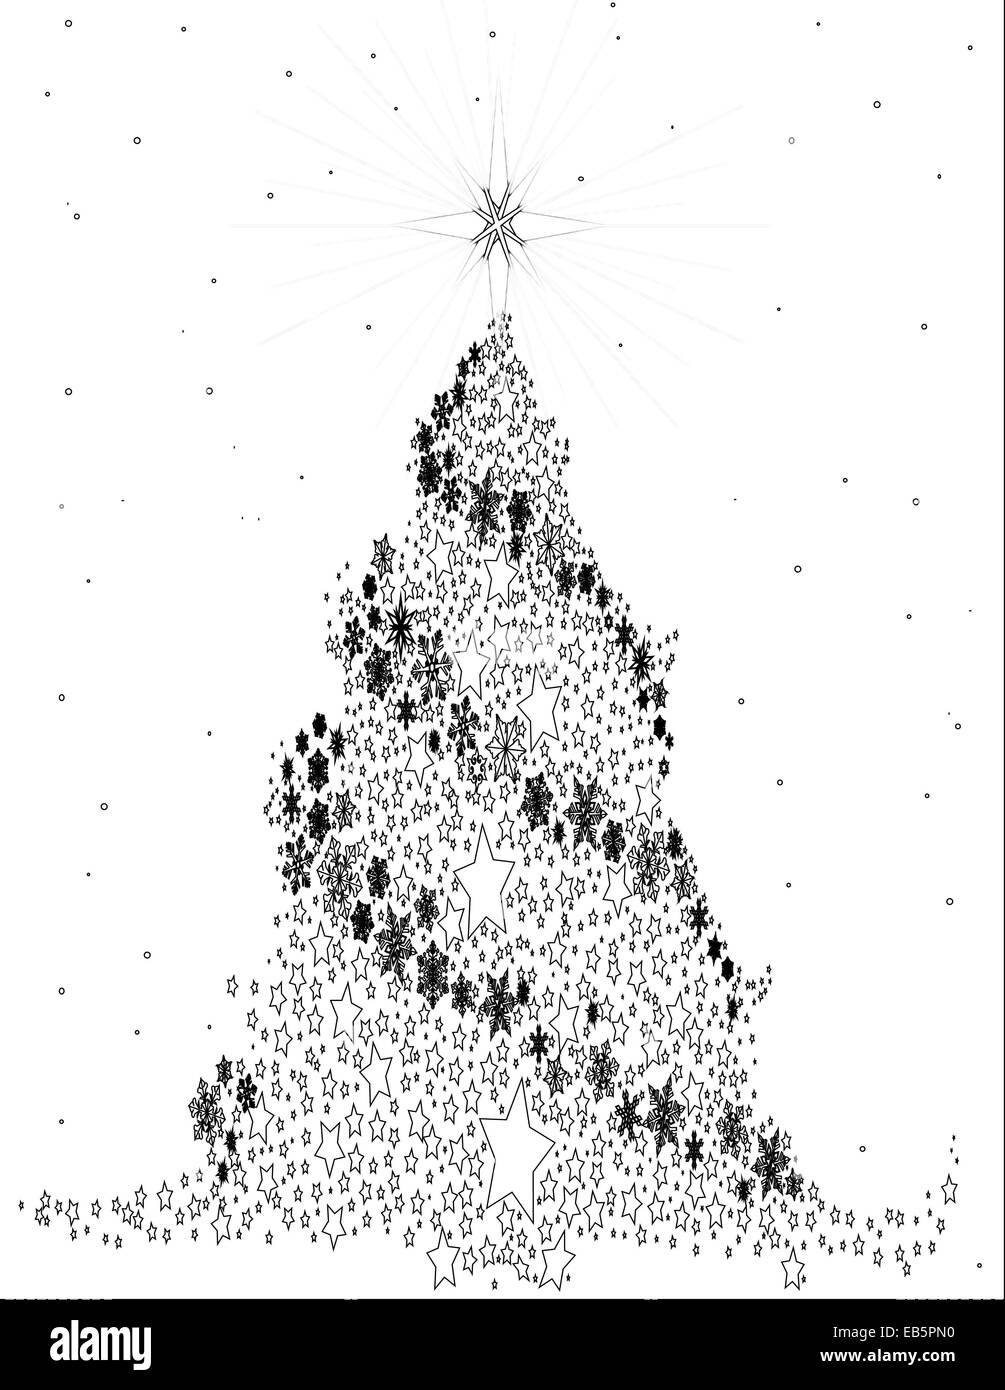 Christmas Tree Snow Night Black and White Stock Photos & Images - Alamy